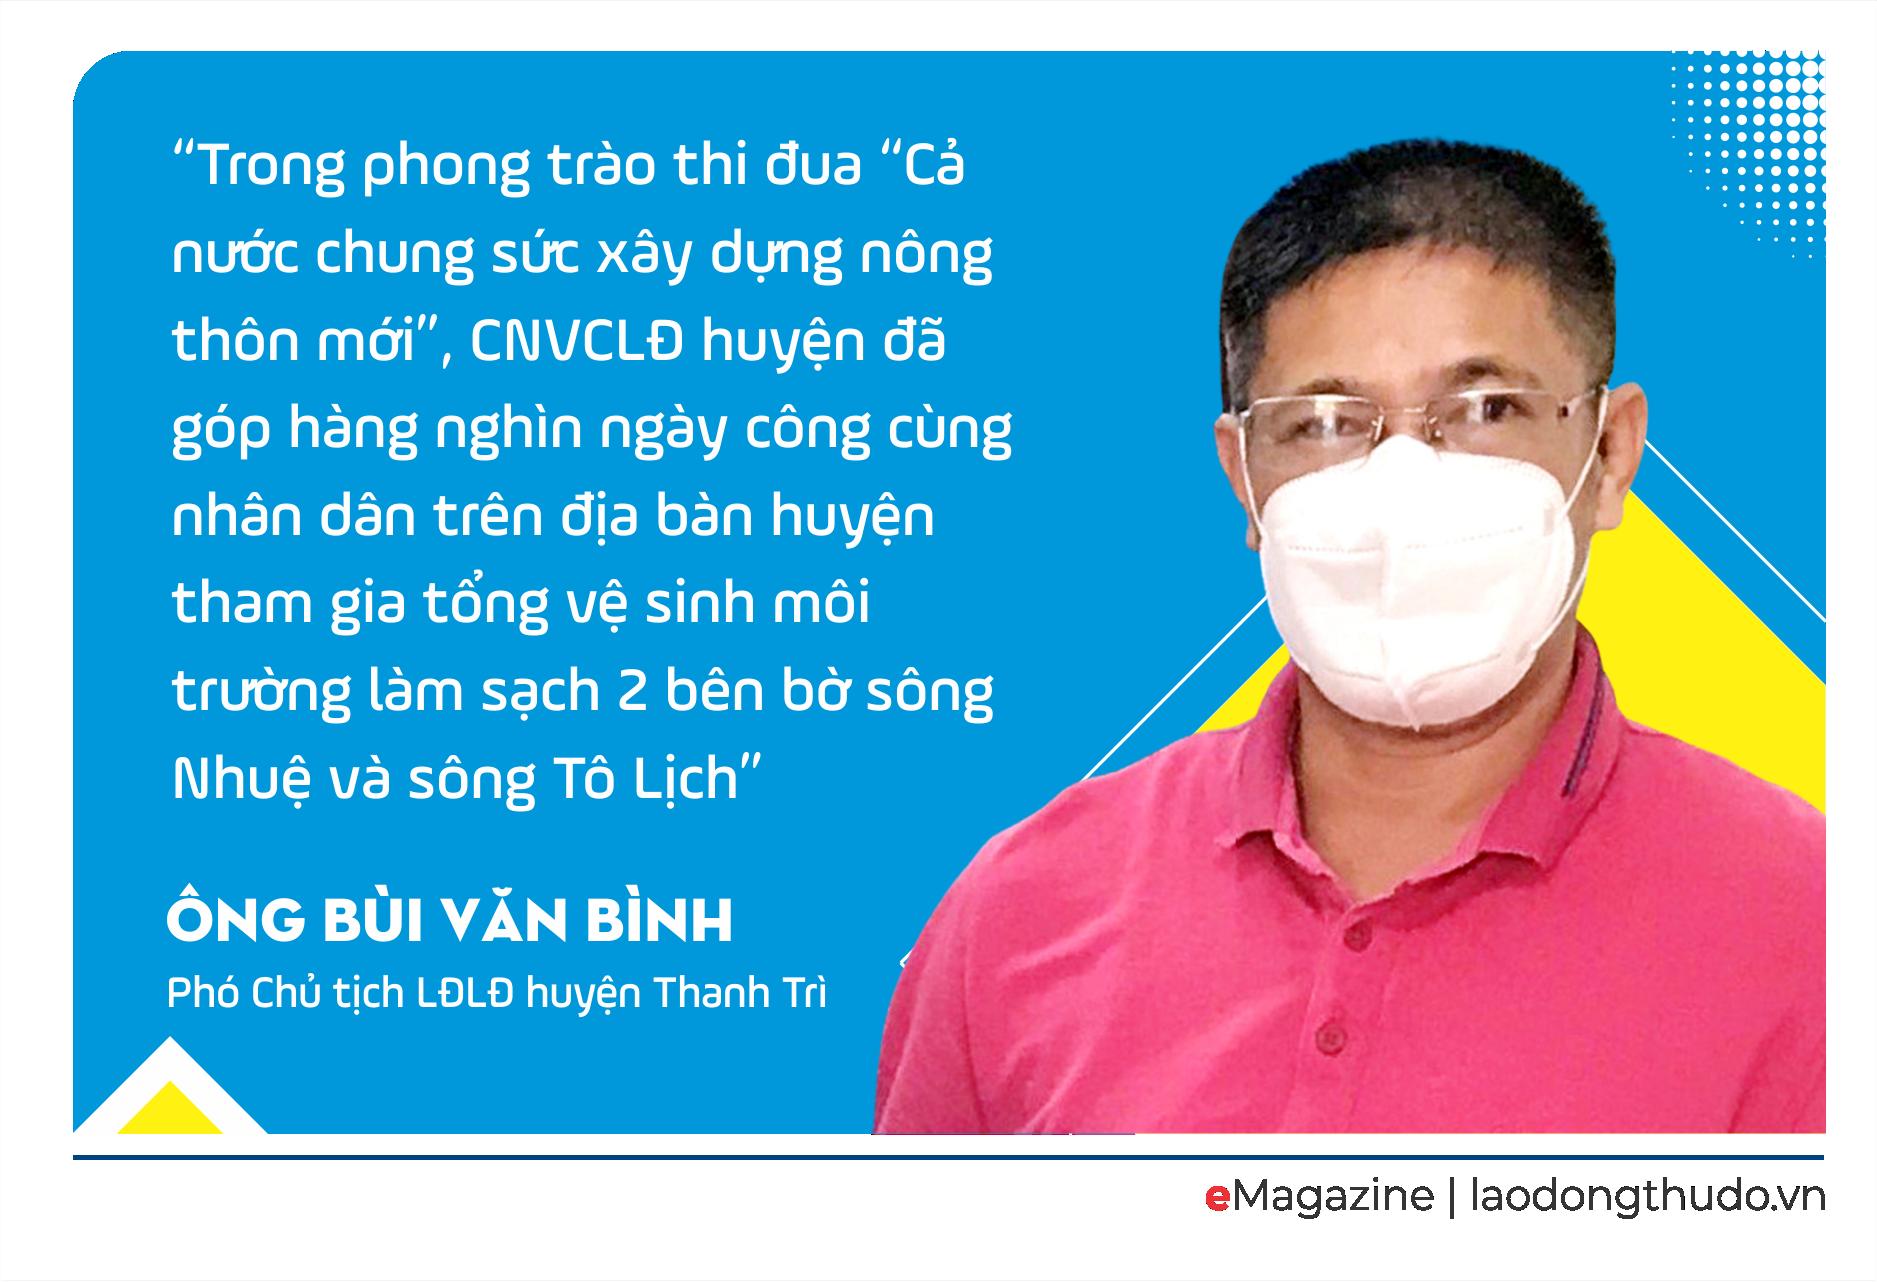 Công nhân lao động huyện Thanh Trì: Sáng tạo và hội nhập